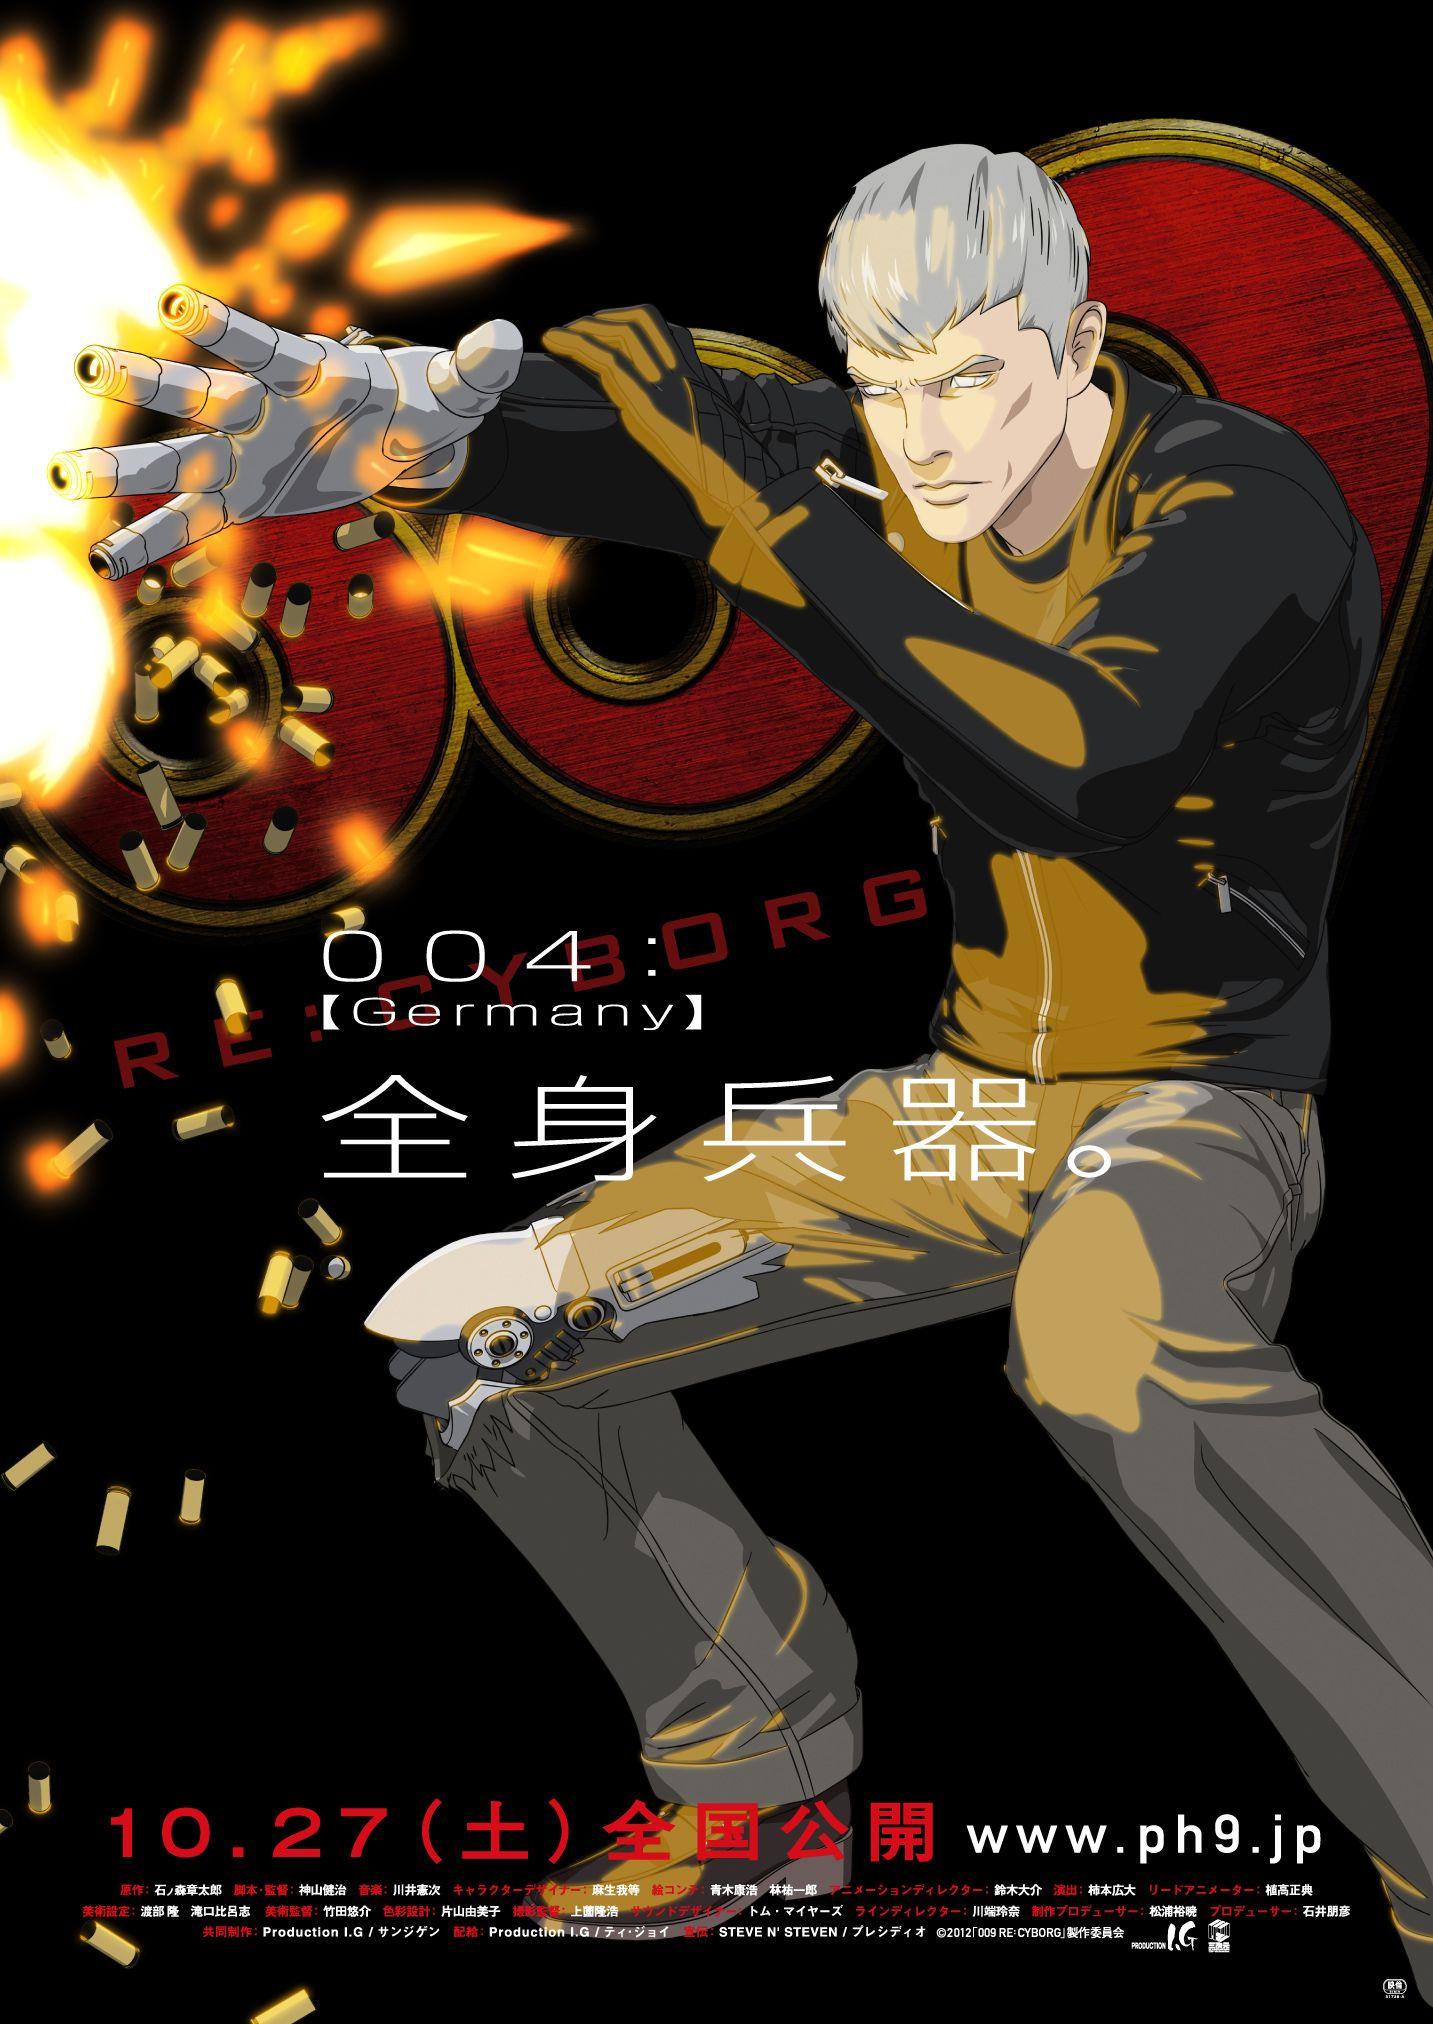 映画 009 Re Cyborg 004 アルベルト ハインリヒ Albert Heinrich